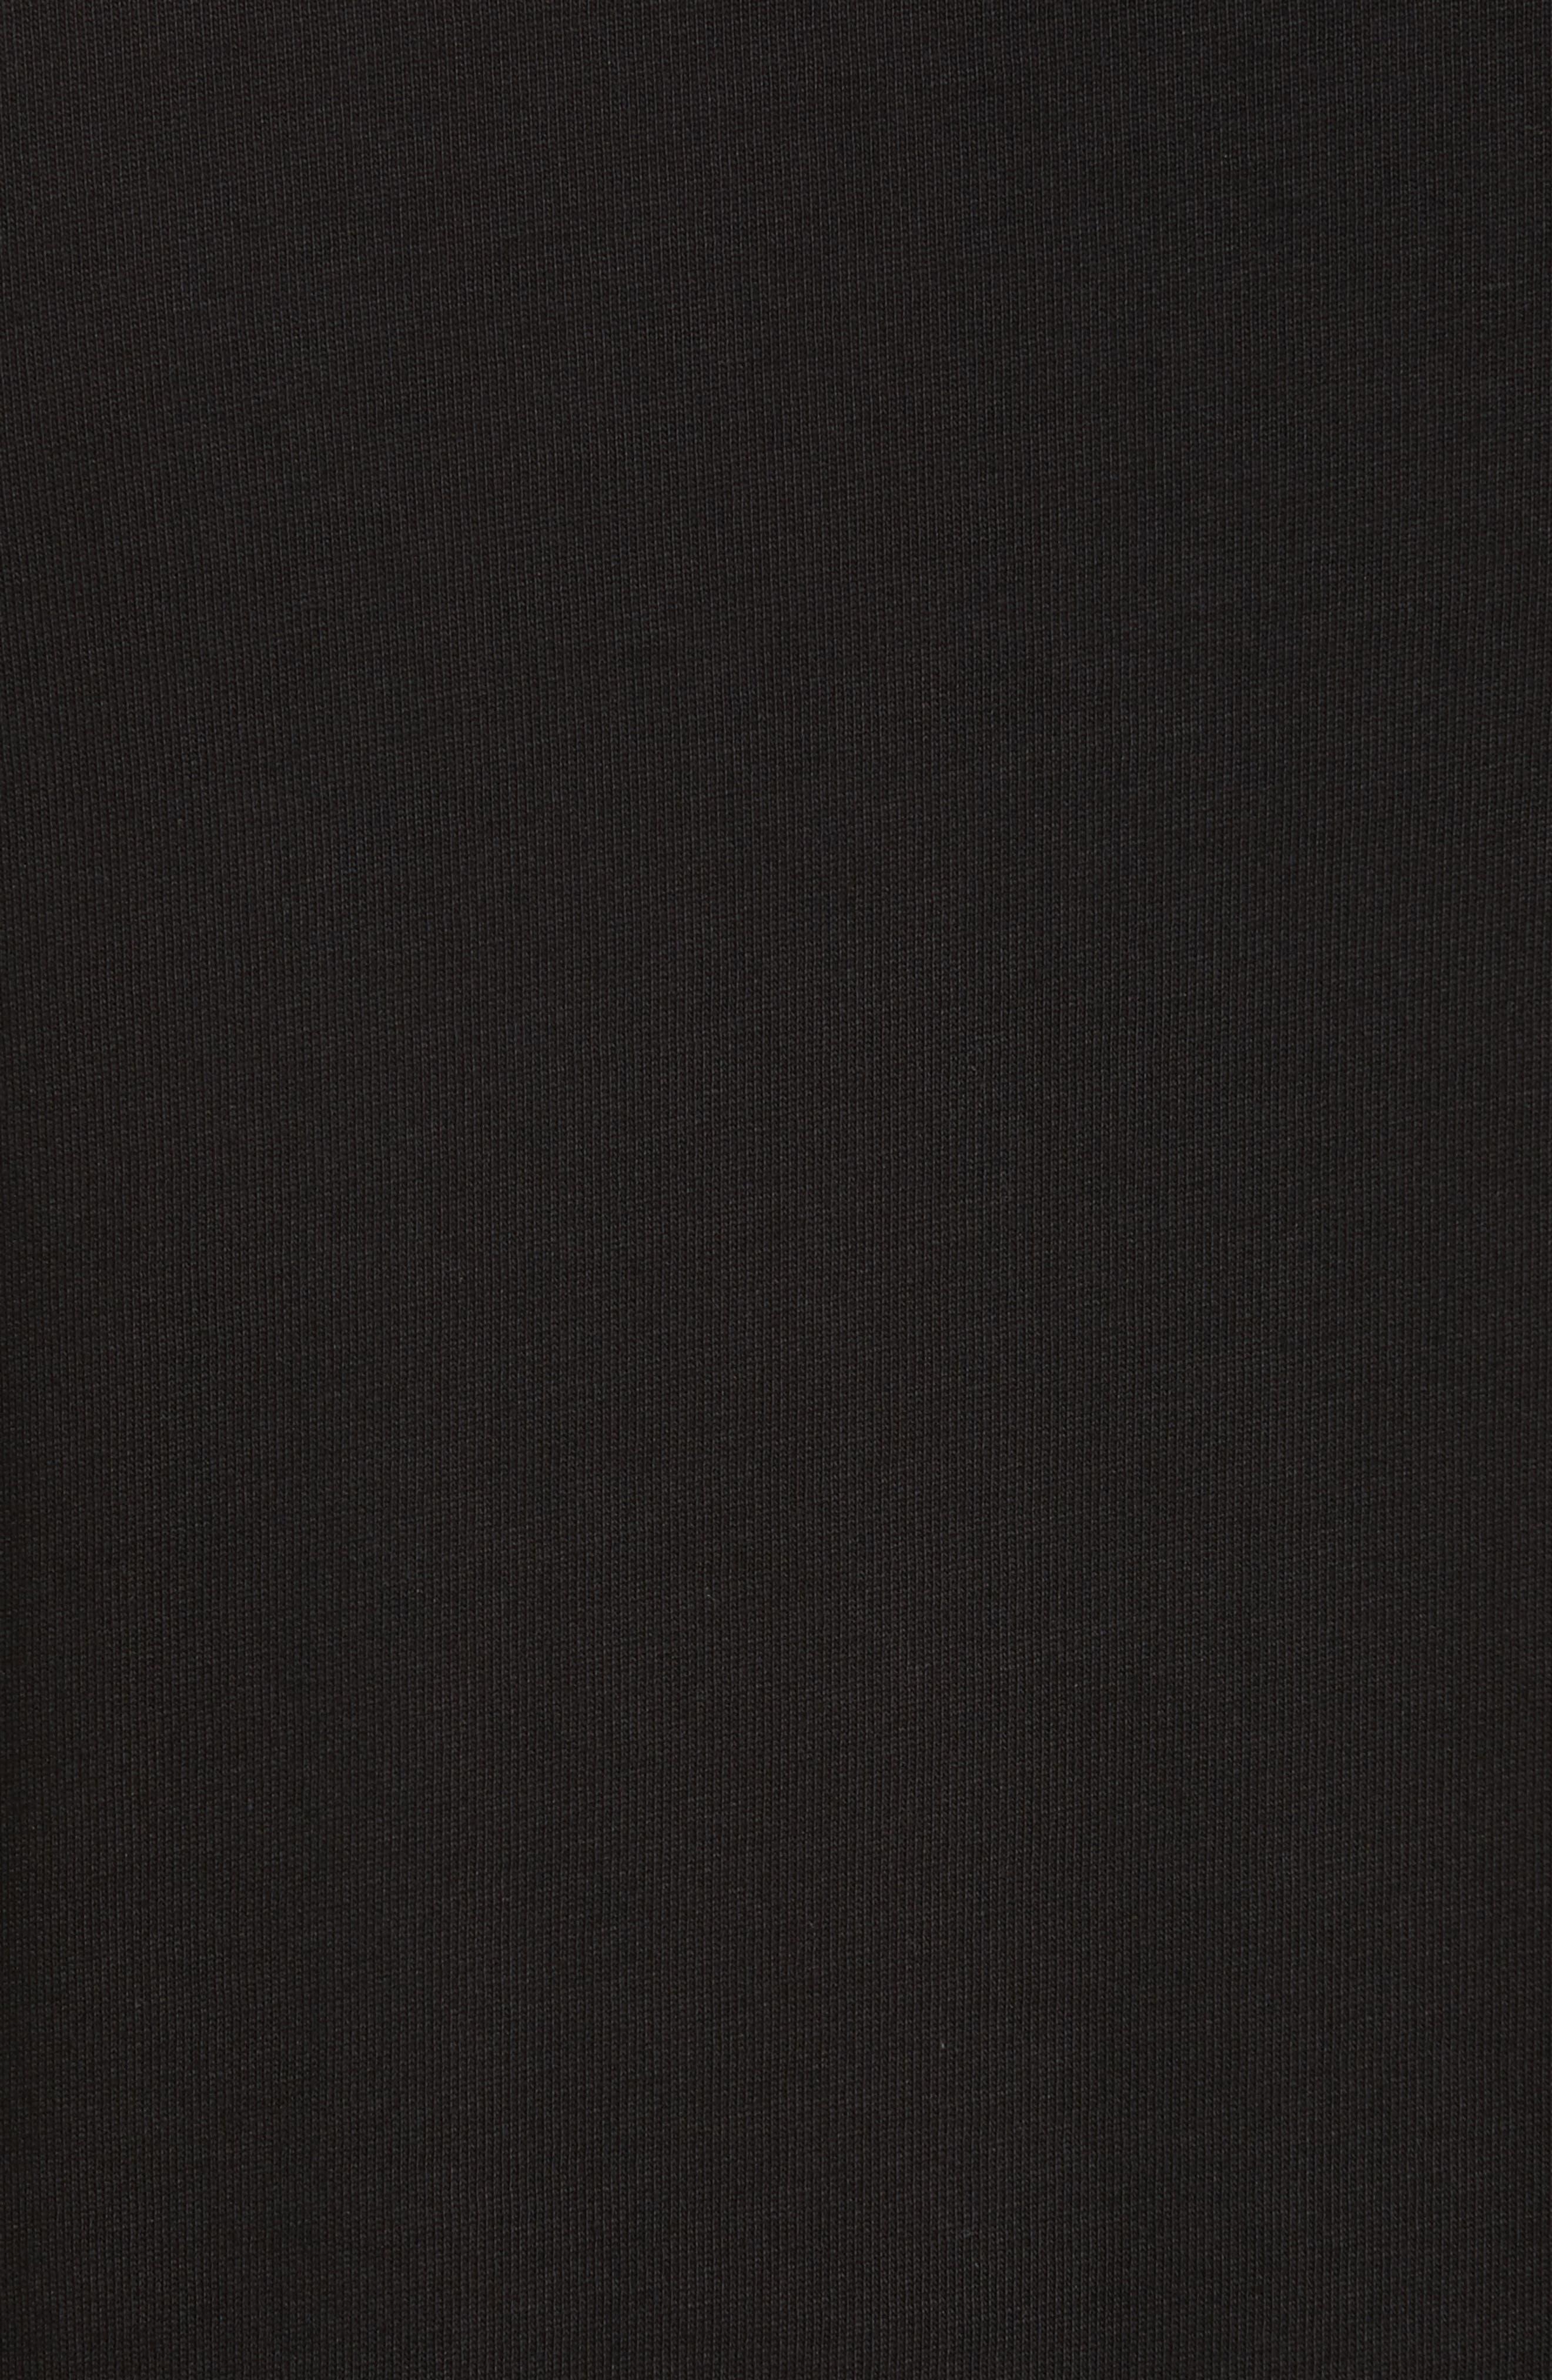 Necklace Crewneck T-Shirt,                             Alternate thumbnail 5, color,                             001